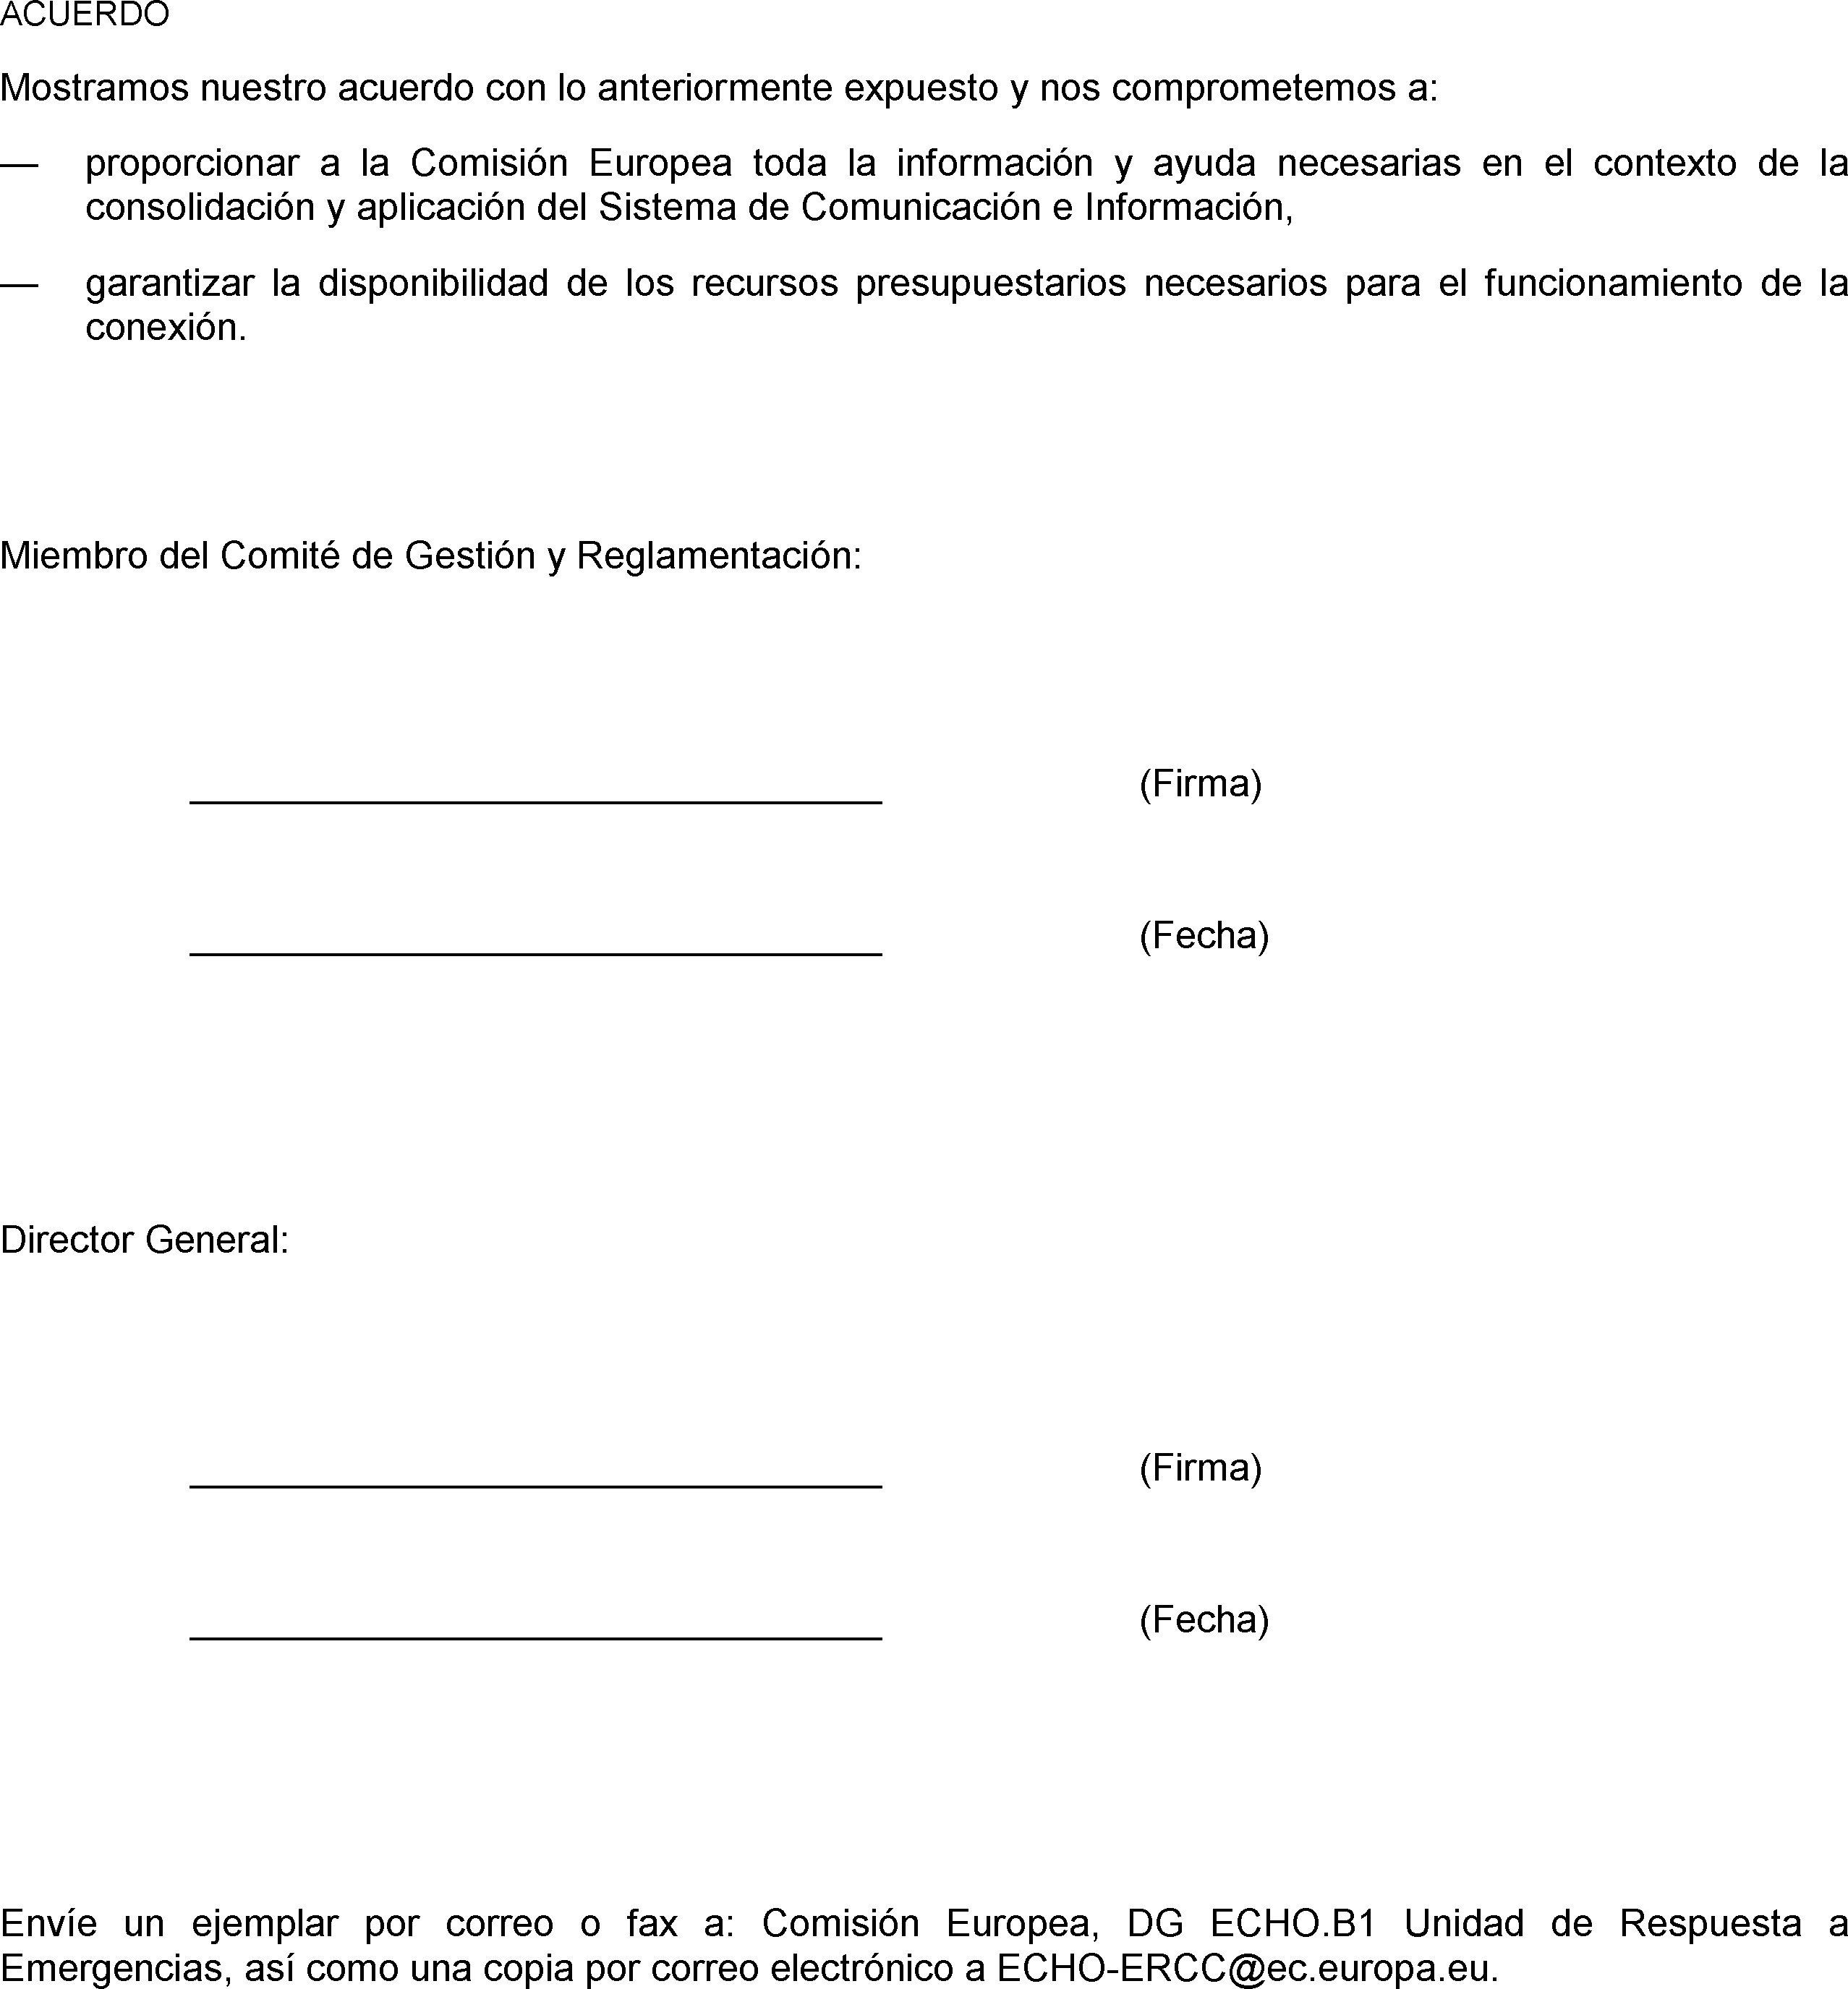 EUR-Lex - 02014D0762-20180130 - EN - EUR-Lex